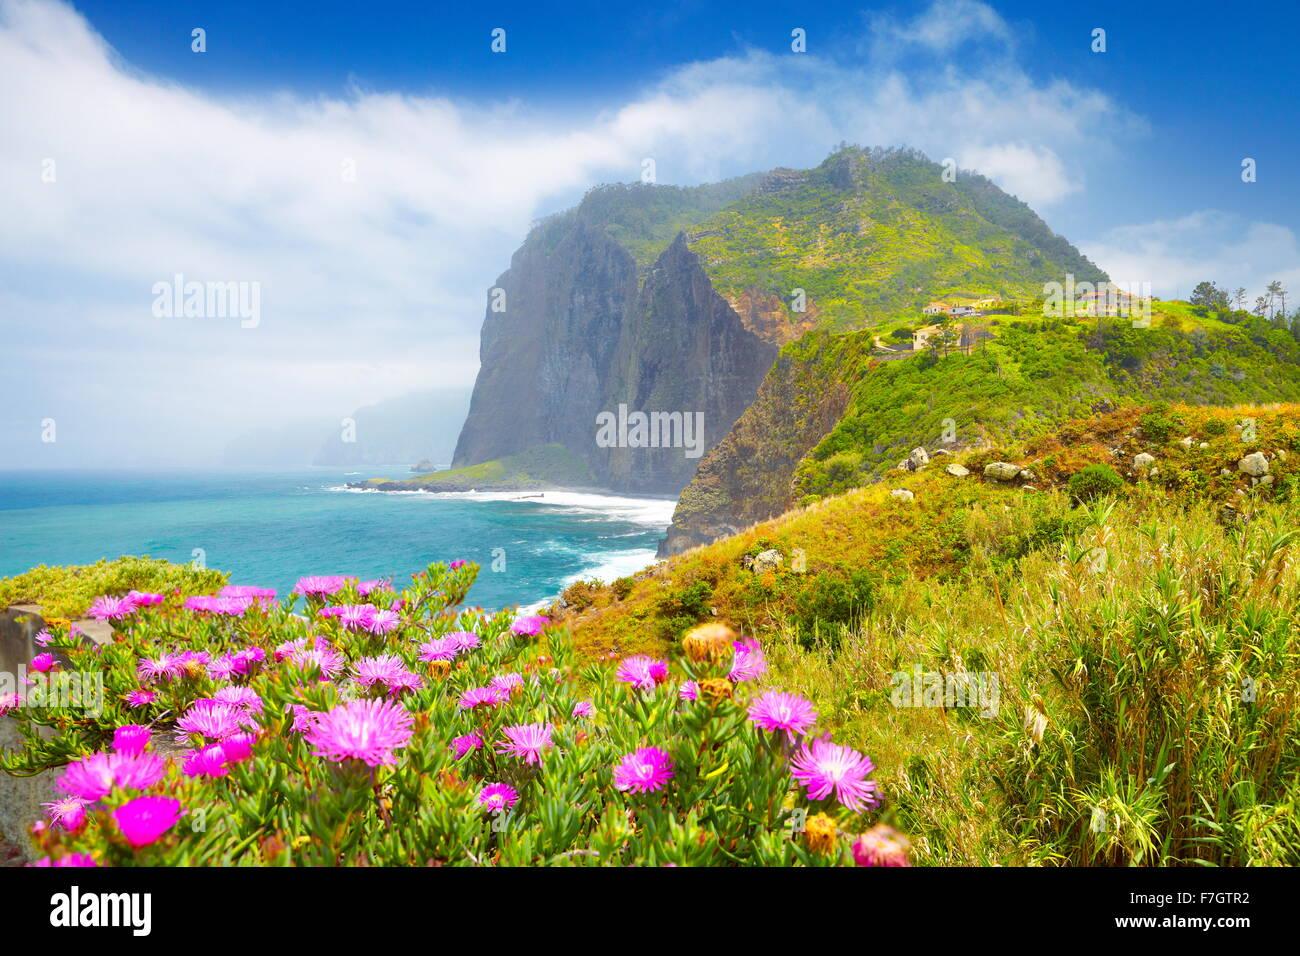 Madeira - Paesaggio con fiori e cliff litorale nei pressi di Ponta Delgada, l'isola di Madeira, Portogallo Immagini Stock